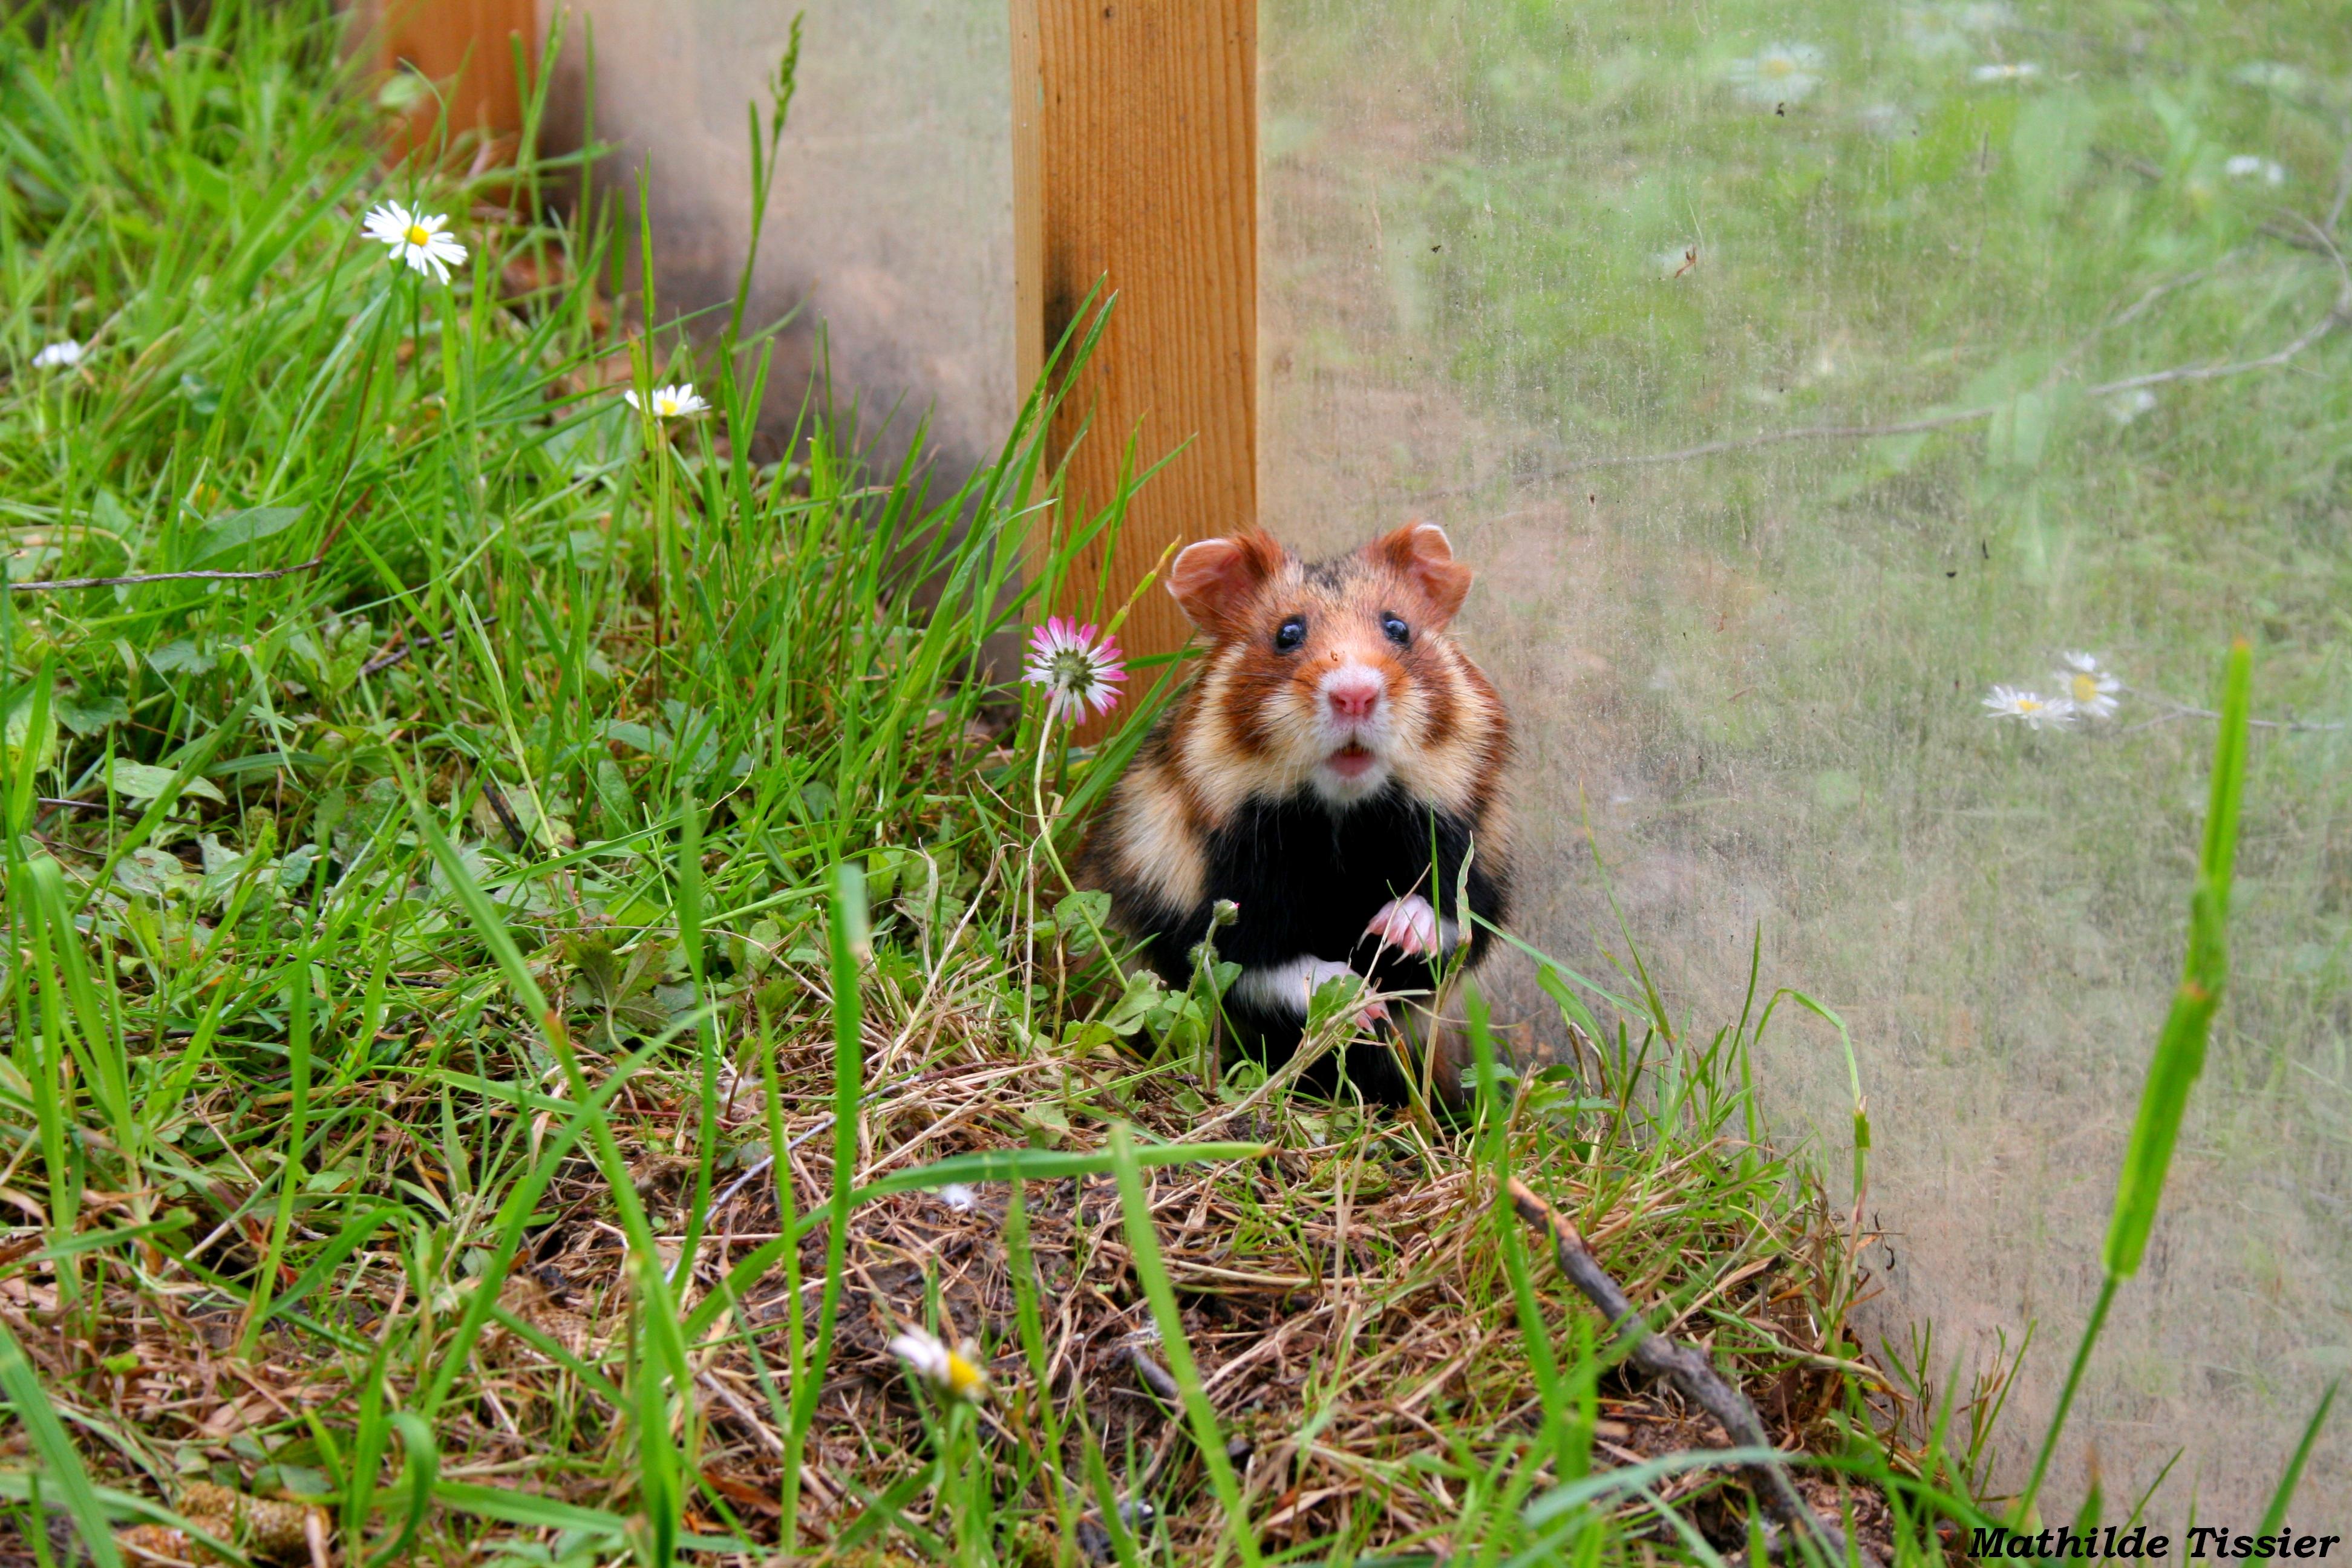 Découverte du milieu extérieur en enclos chez une femelle d'un an avant réintroduction